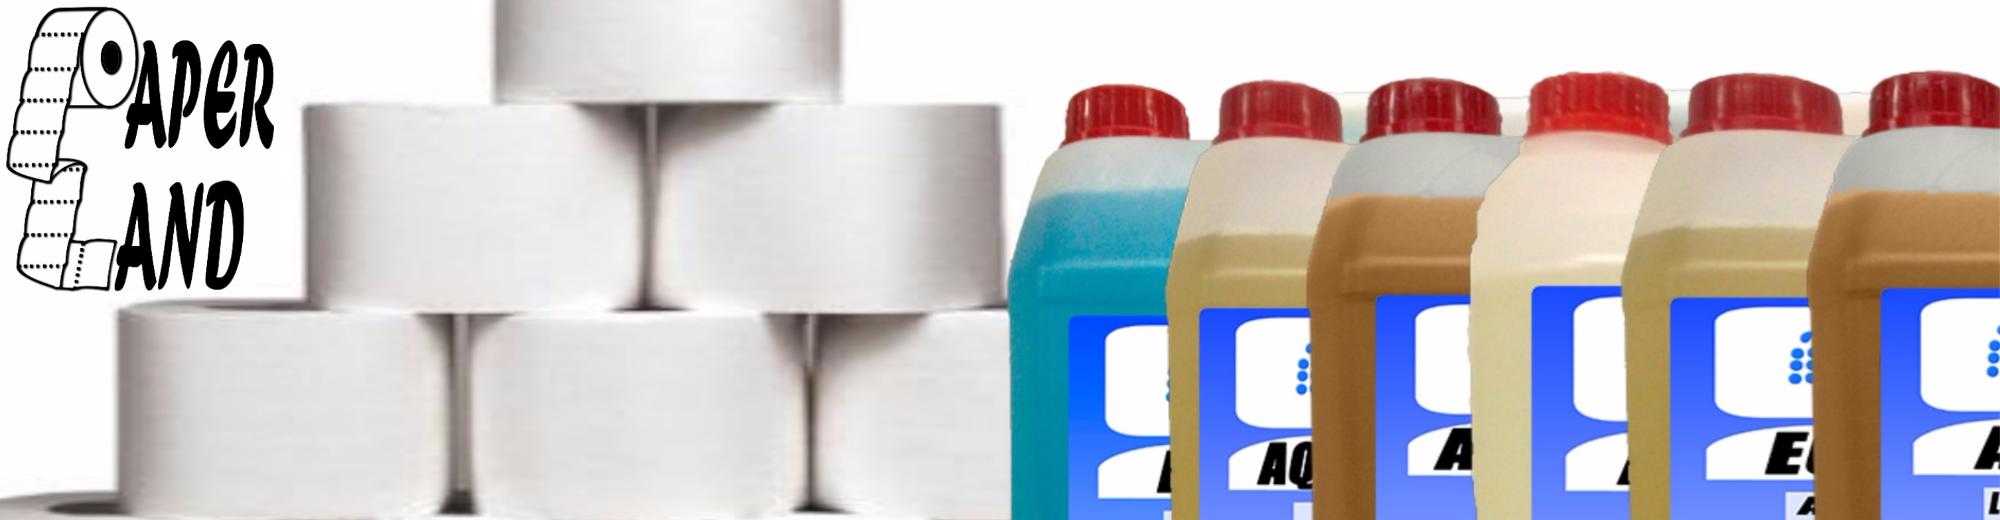 Paperlandcb productos de limpieza en toledo for Empresas de limpieza en toledo